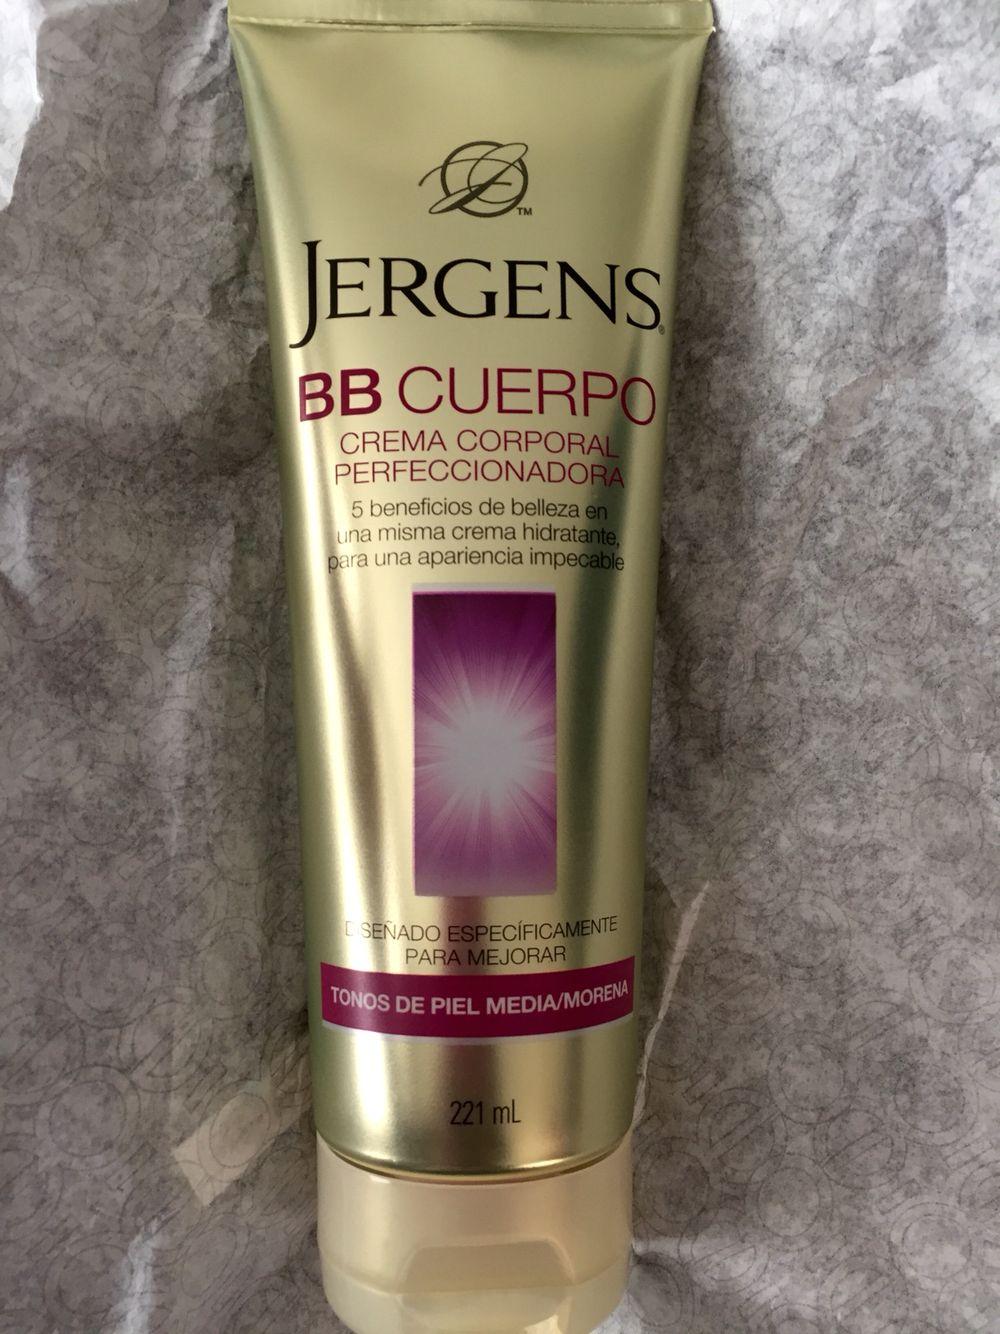 Crema corporal para reafirmar la piel